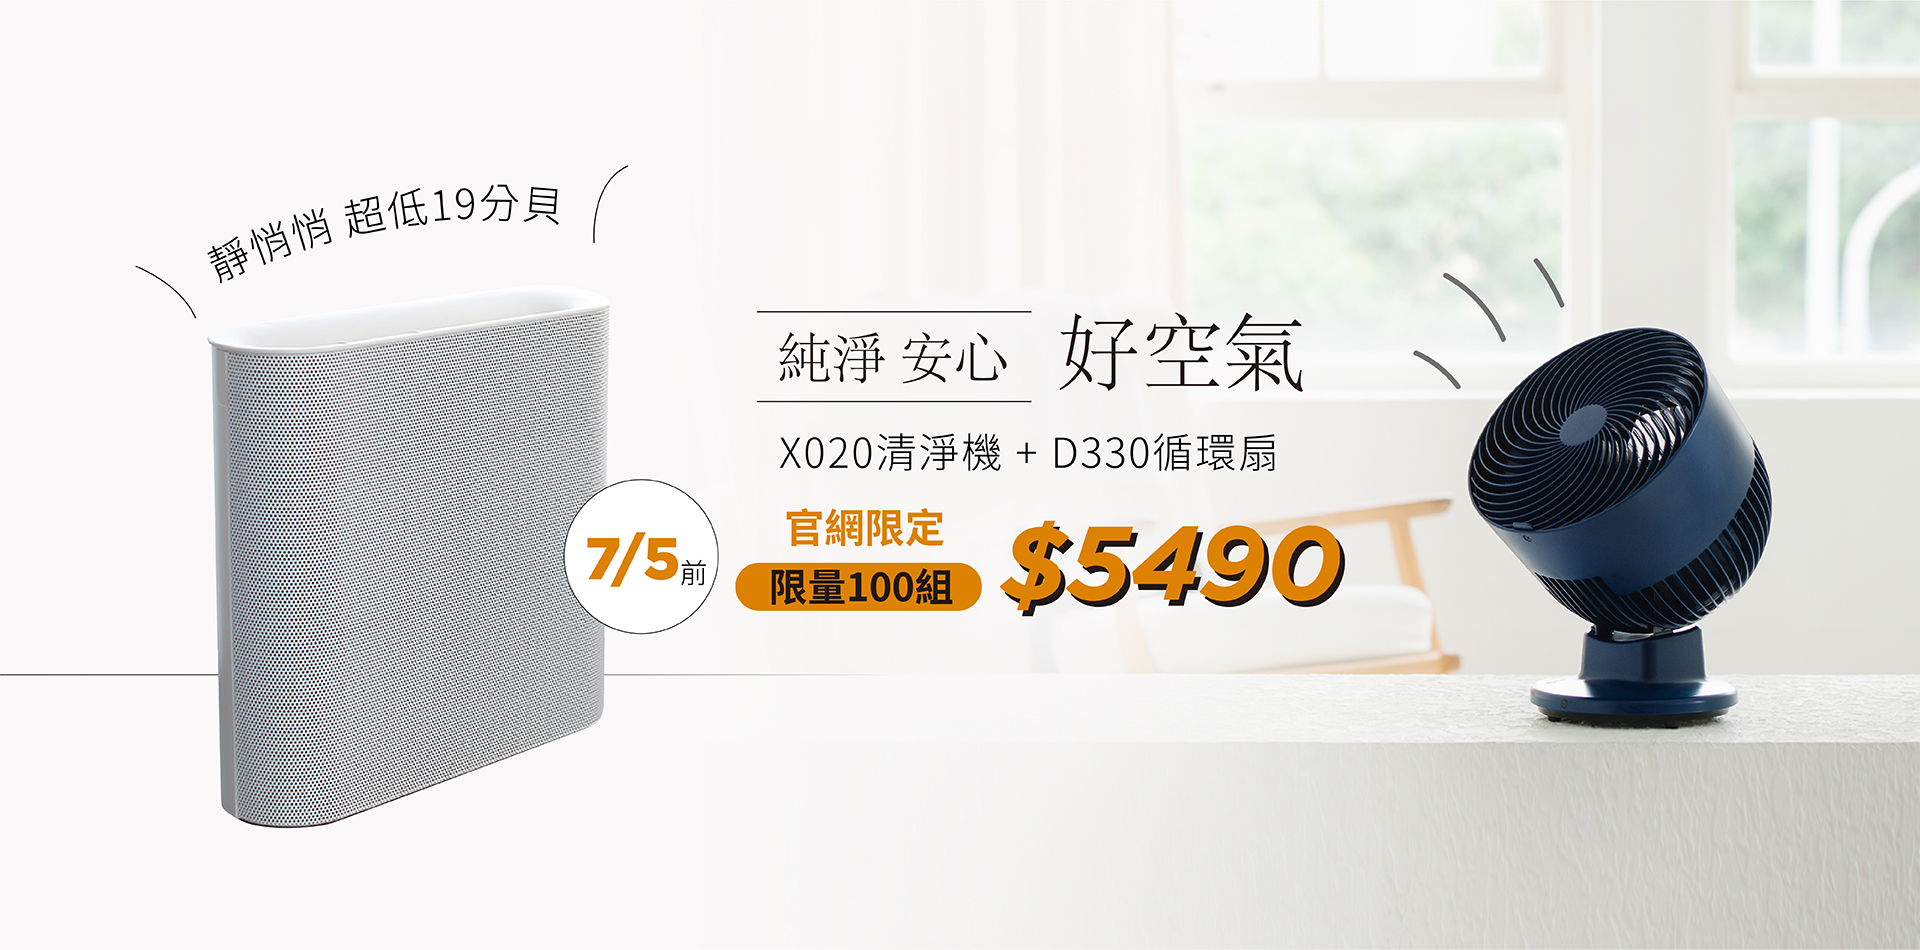 純淨好安心▸X020清淨機+D330循環扇